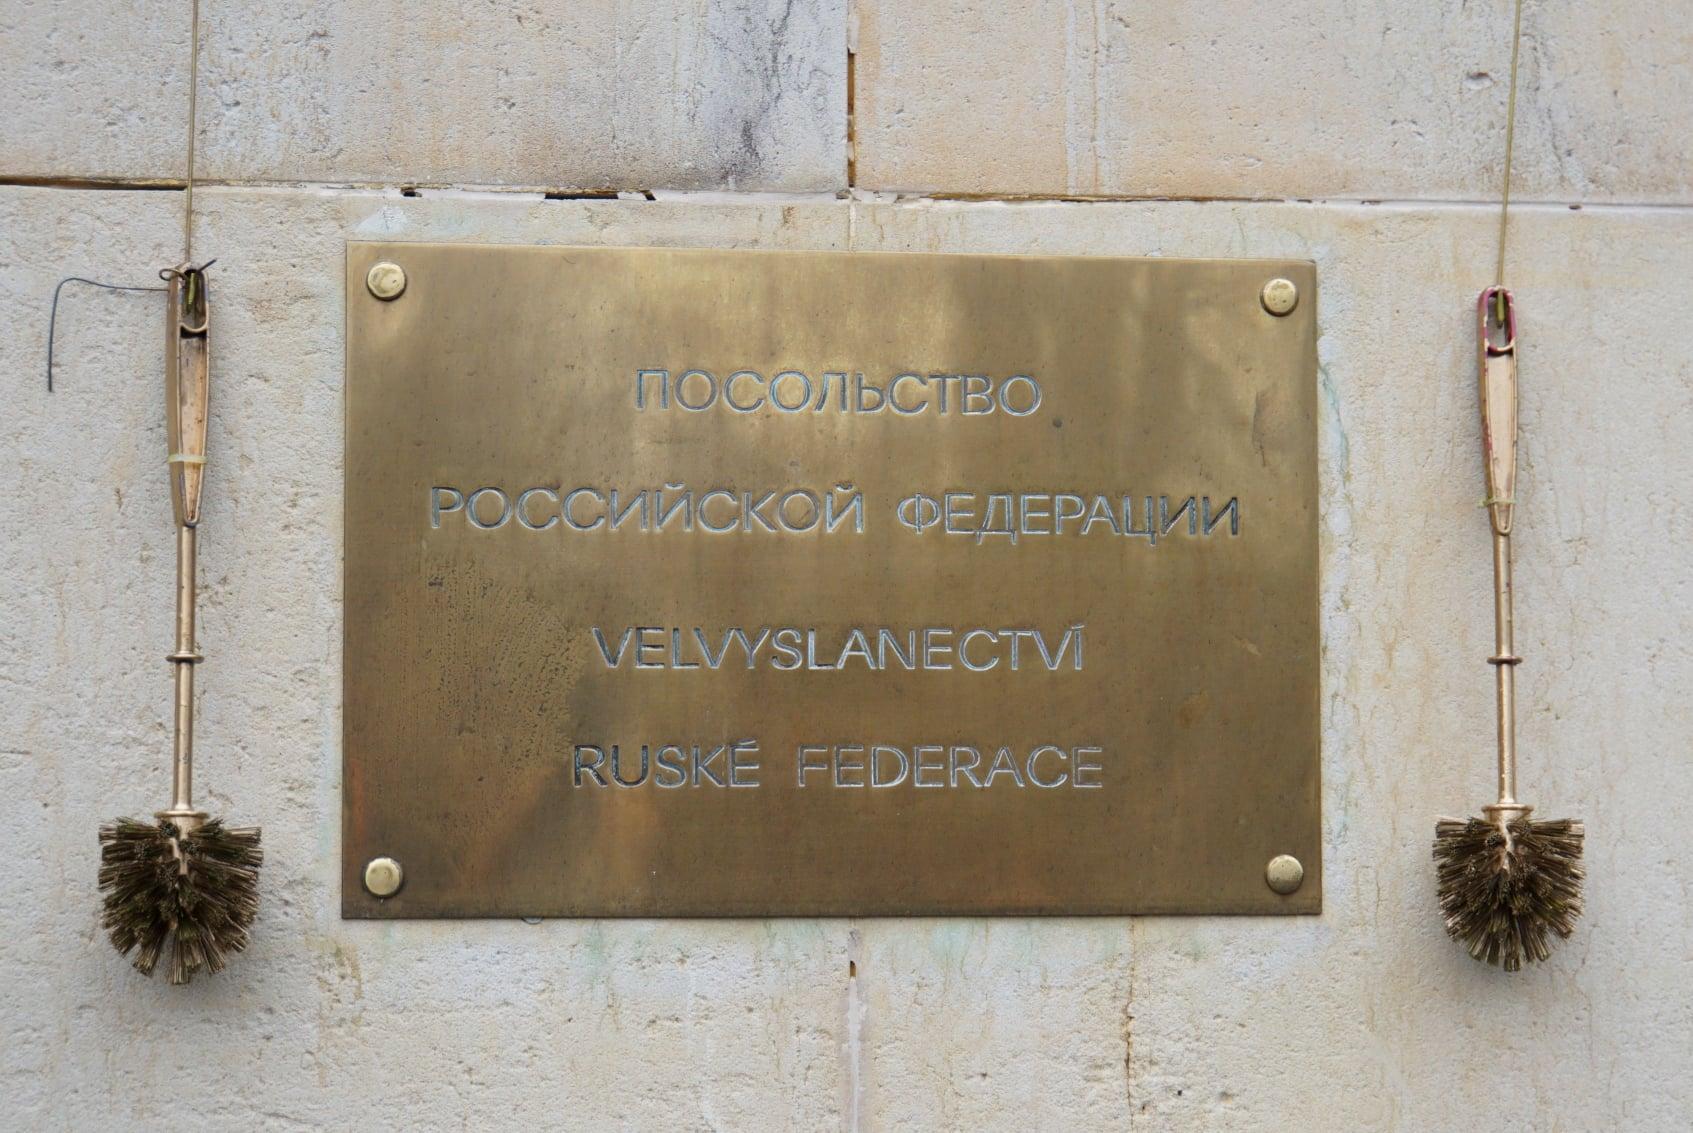 В Чехии установили статую голого Путина: где и зачем (ФОТО, ВИДЕО) - фото 7